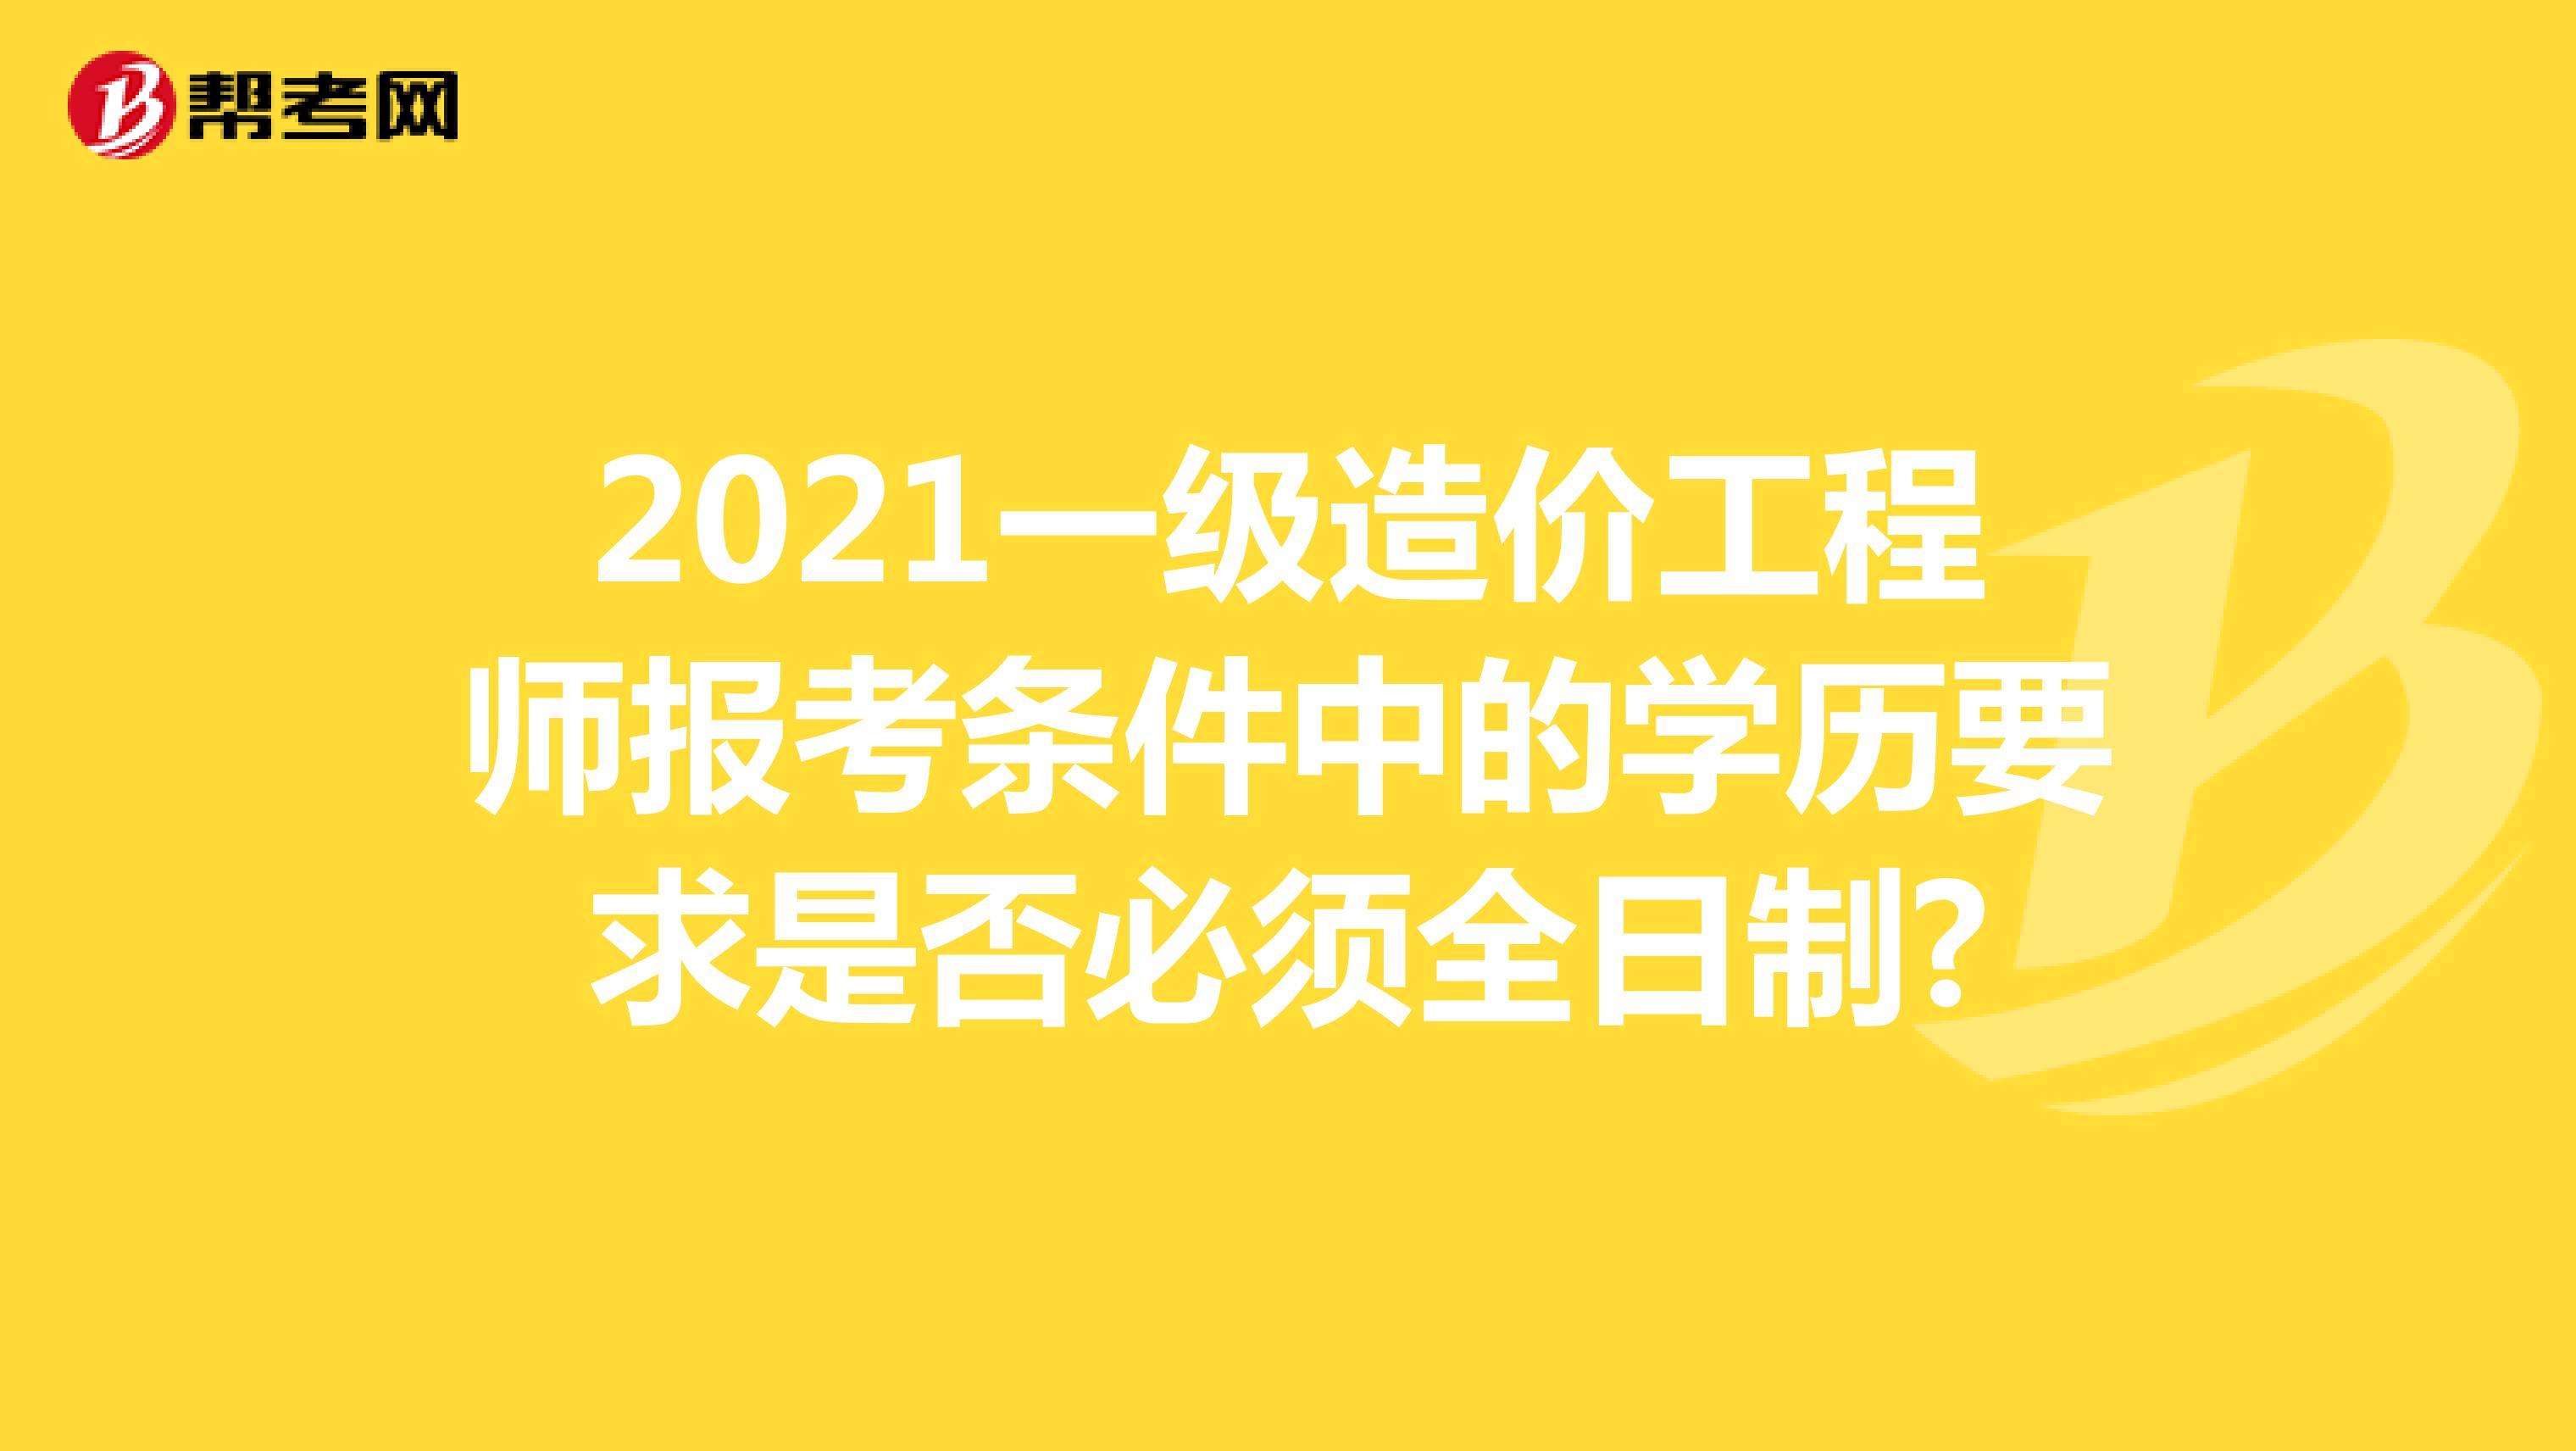 2021一级造价工程师报考条件中的学历要求是否必须全日制?